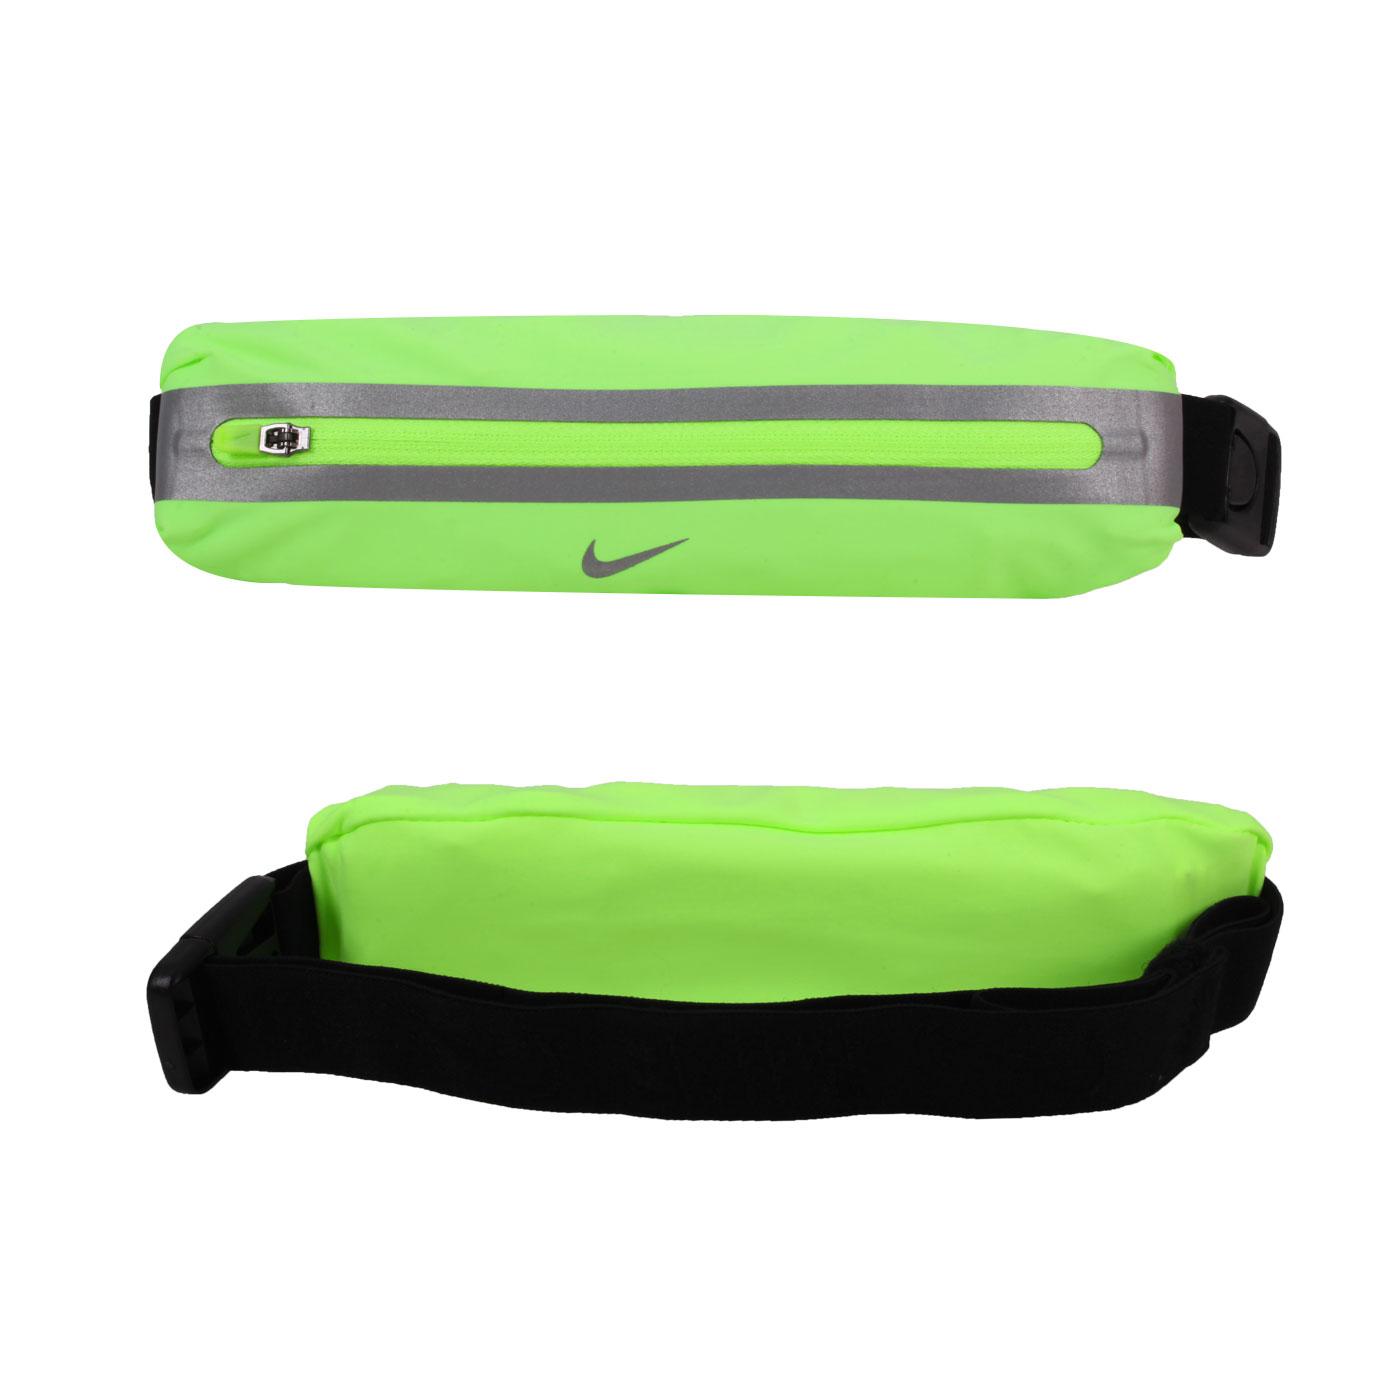 NIKE 擴充式薄型腰包2.0 N1000828342OS - 螢光綠銀